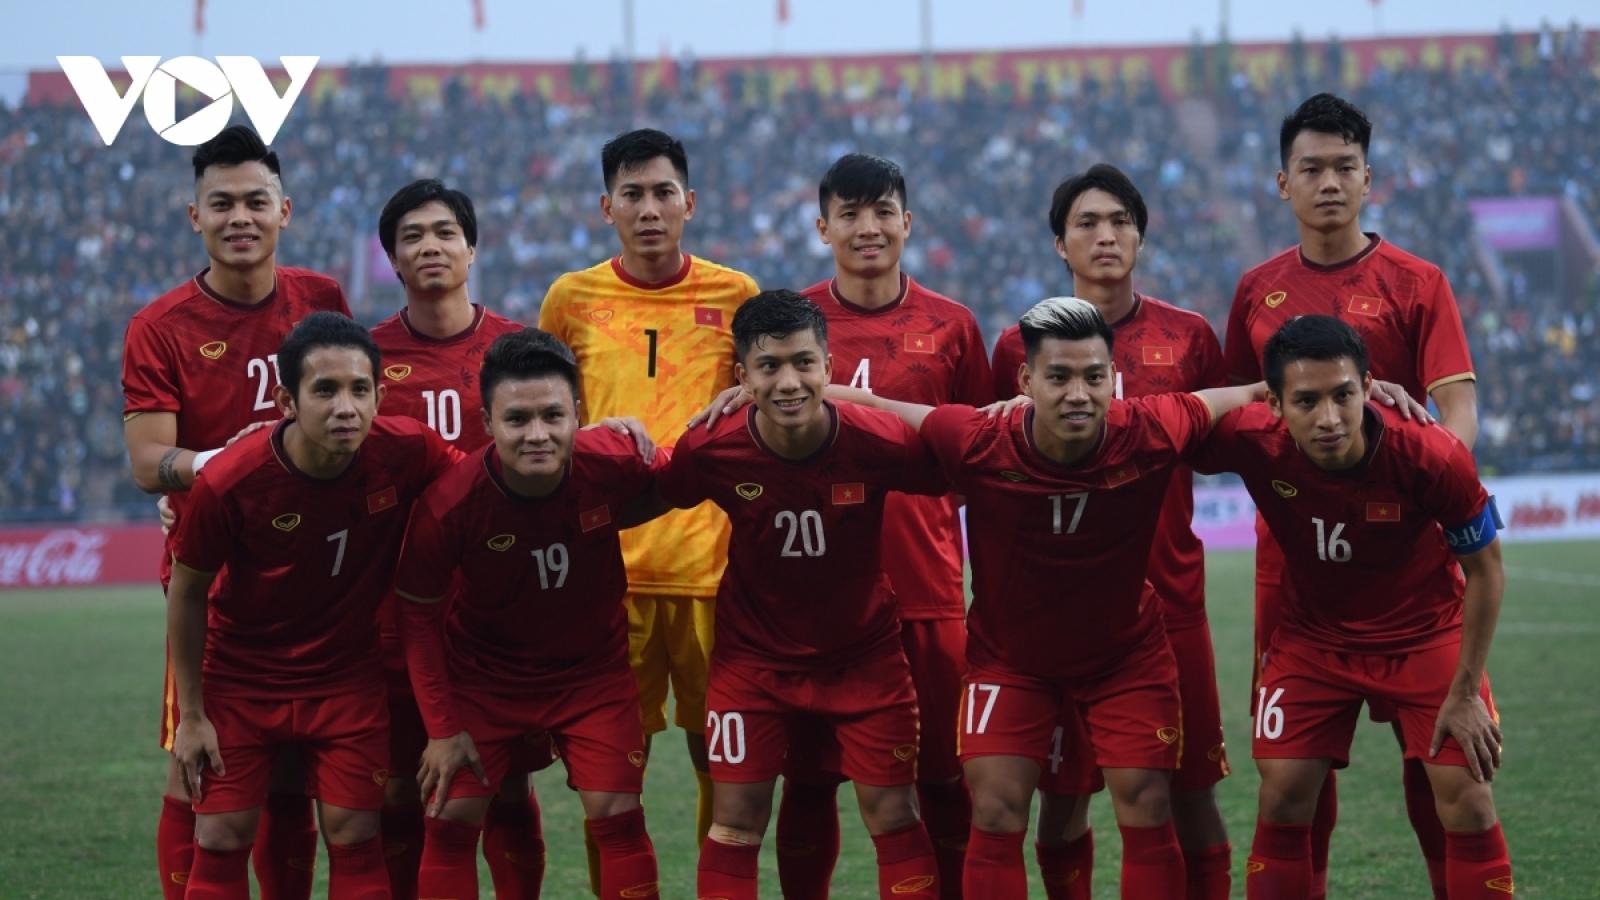 Dư âm ĐT Việt Nam 2-2 U22 Việt Nam: Điểm sáng Quang Hải, nỗi lo hàng phòng ngự